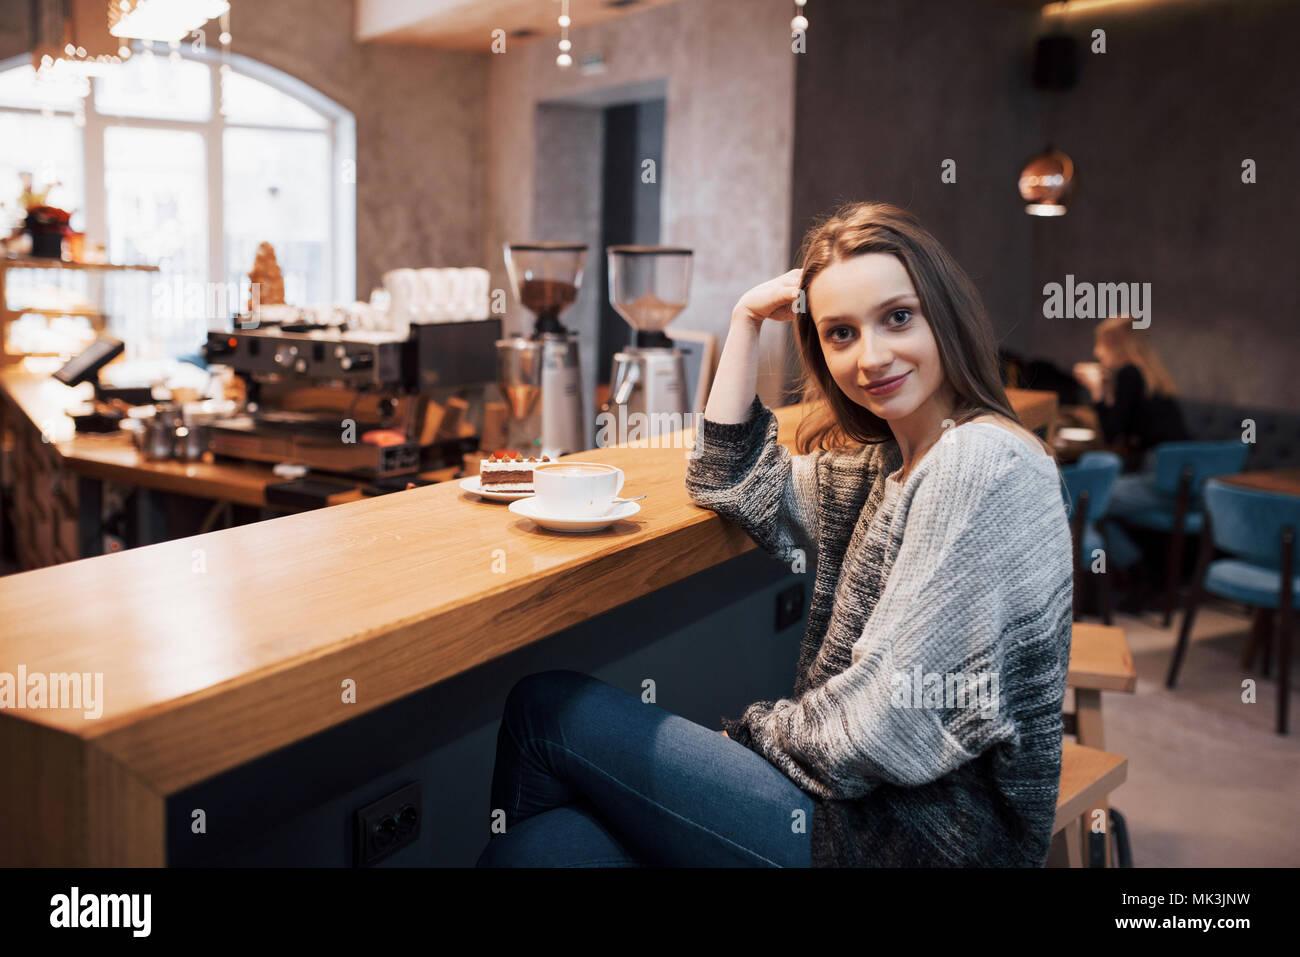 Atractiva mujer joven sentada en las zonas urbanas interiores cafe. Cafe de la vida de ciudad. Retrato casual de la joven. Tonificado. Imagen De Stock